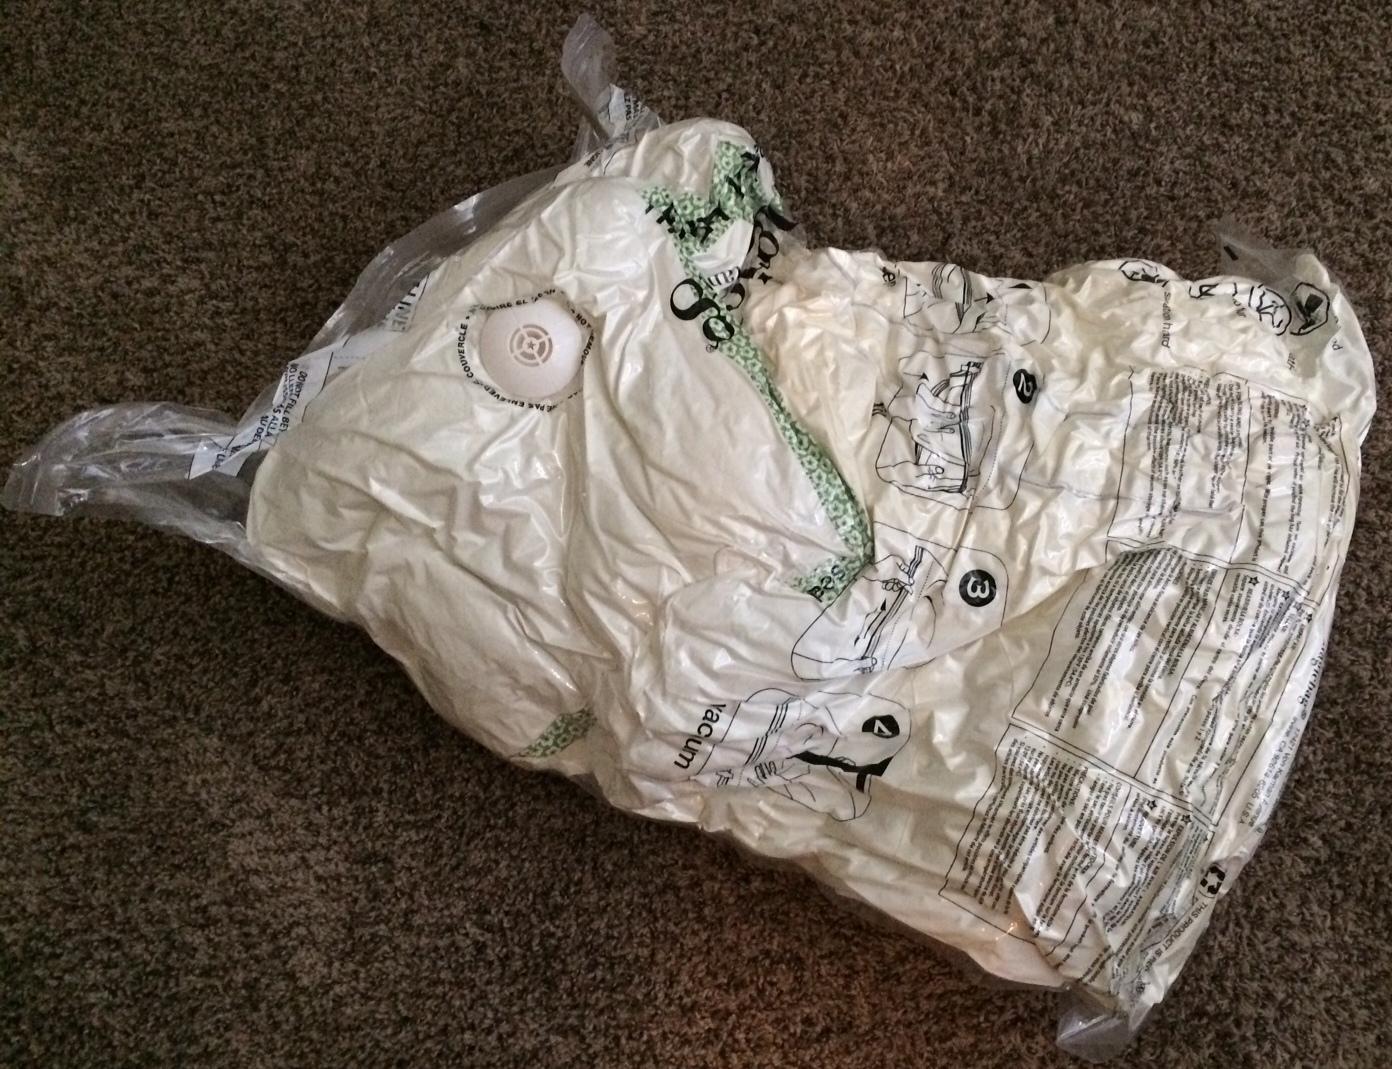 Pack bedding in vacuum bags